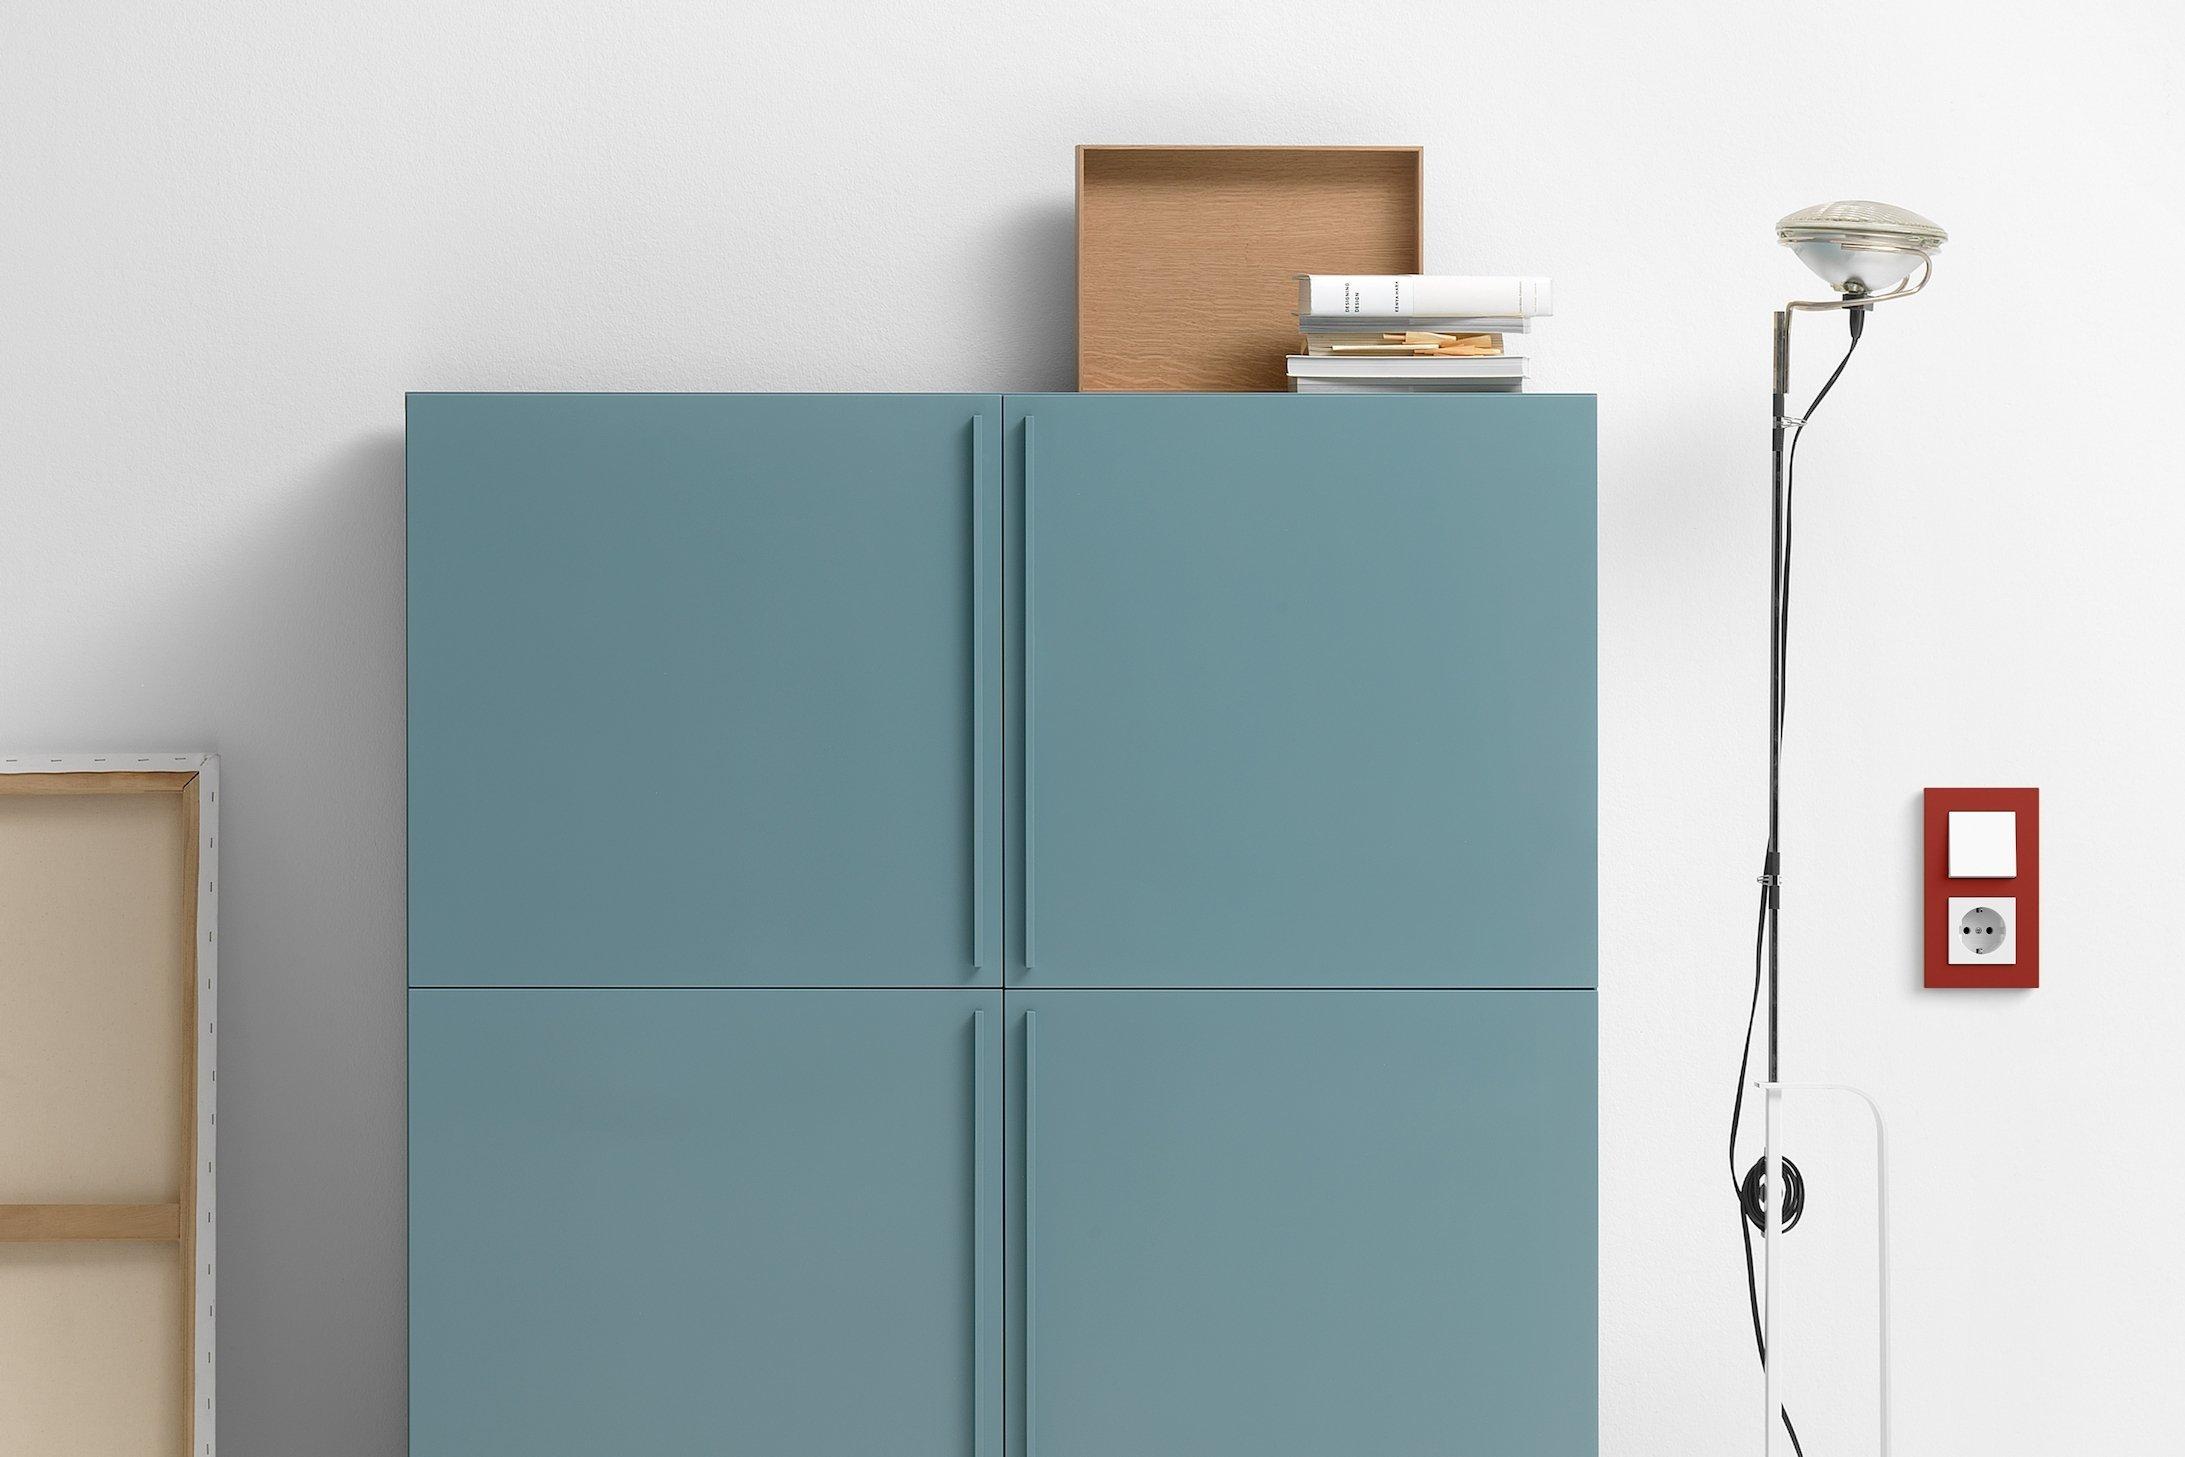 esprit linoleum multiplex von gira stylepark. Black Bedroom Furniture Sets. Home Design Ideas